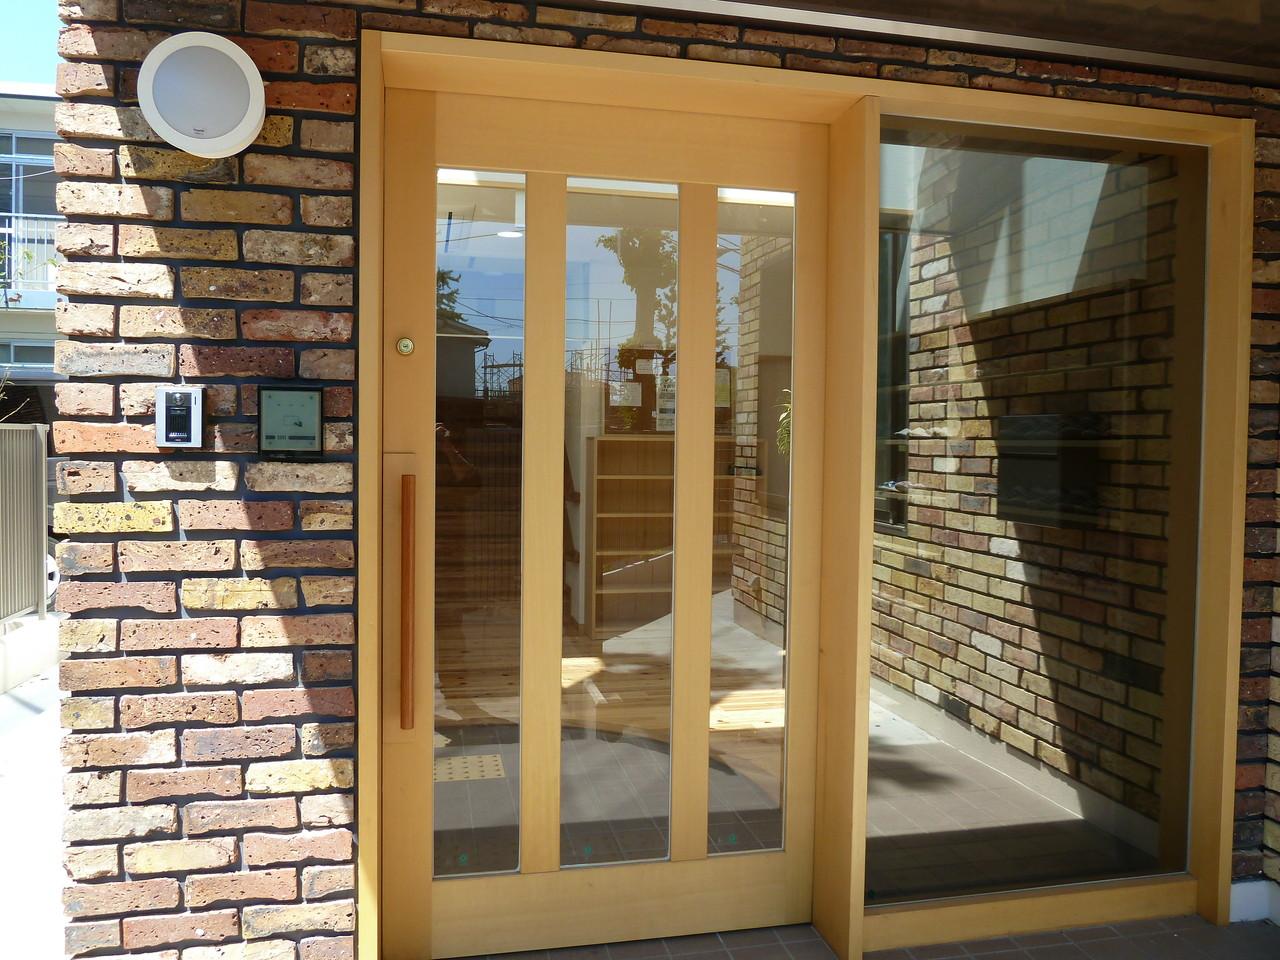 玄関は電気錠で入退室管理やセキュリティー対応。